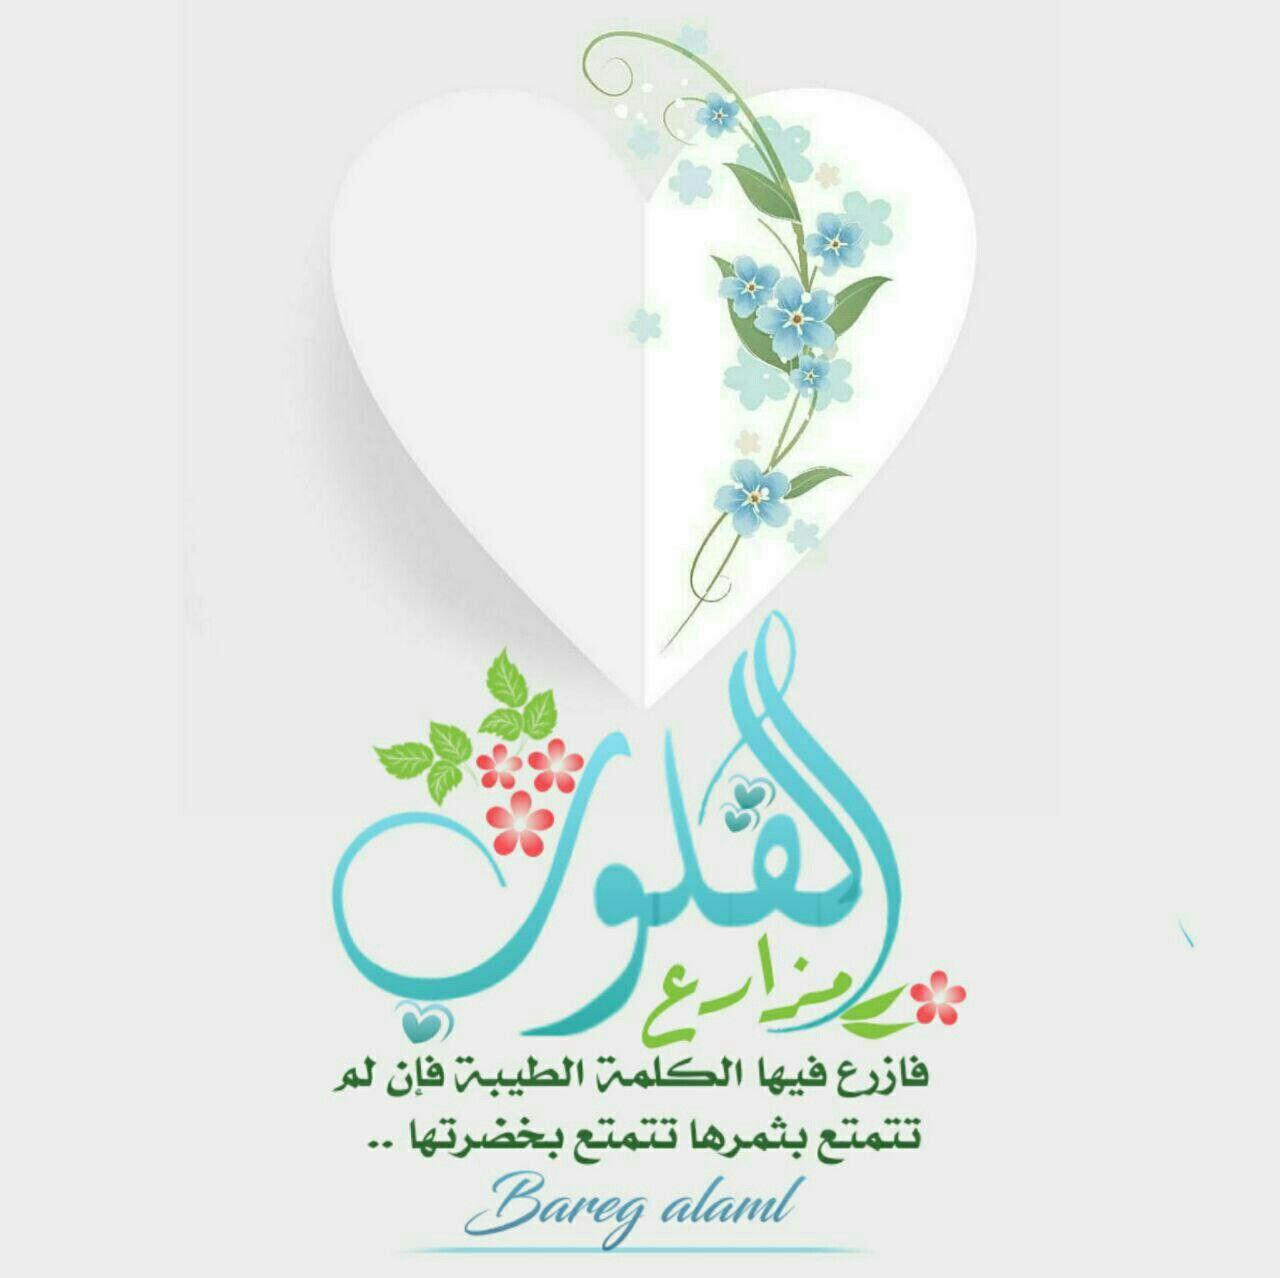 علمتني الحياة أن السيرة الطيبة هي أجمل ما يتركه الإنسان في قلوب الآخرين Arabic Calligraphy Calligraphy